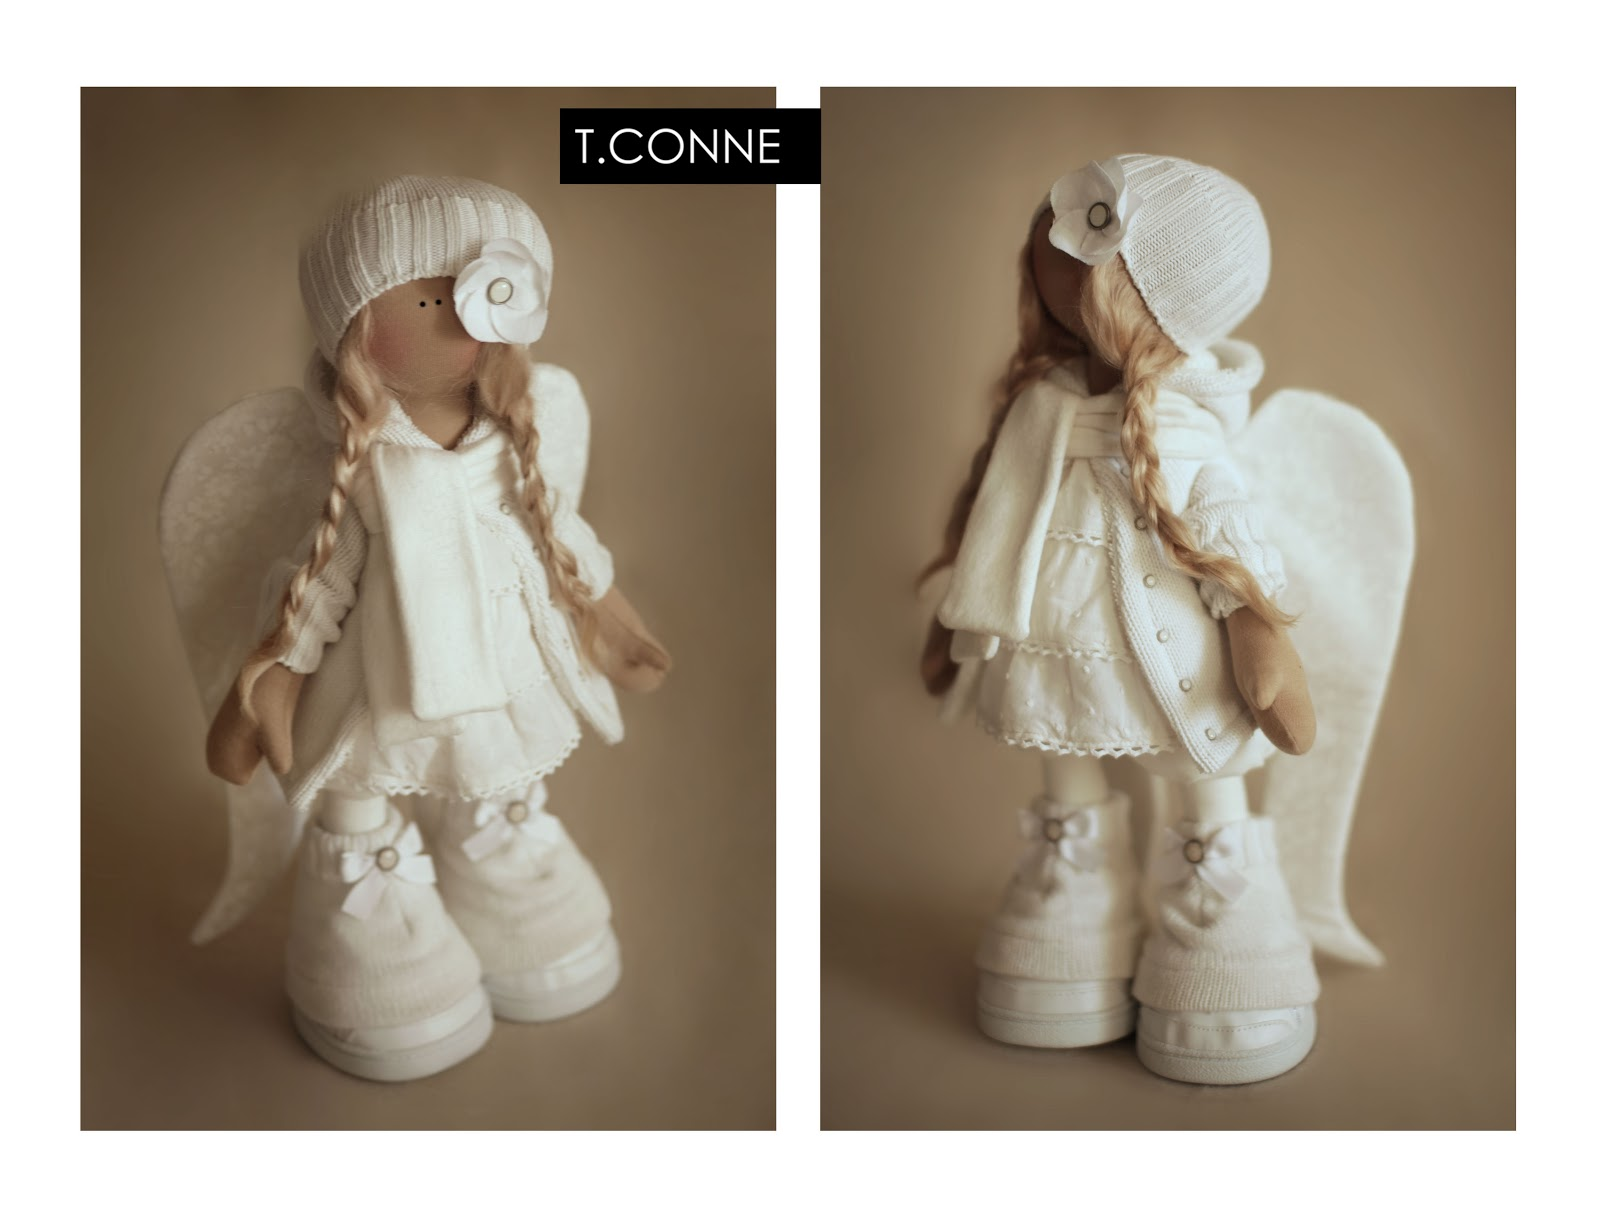 Куклы Татьяны Коннэ.